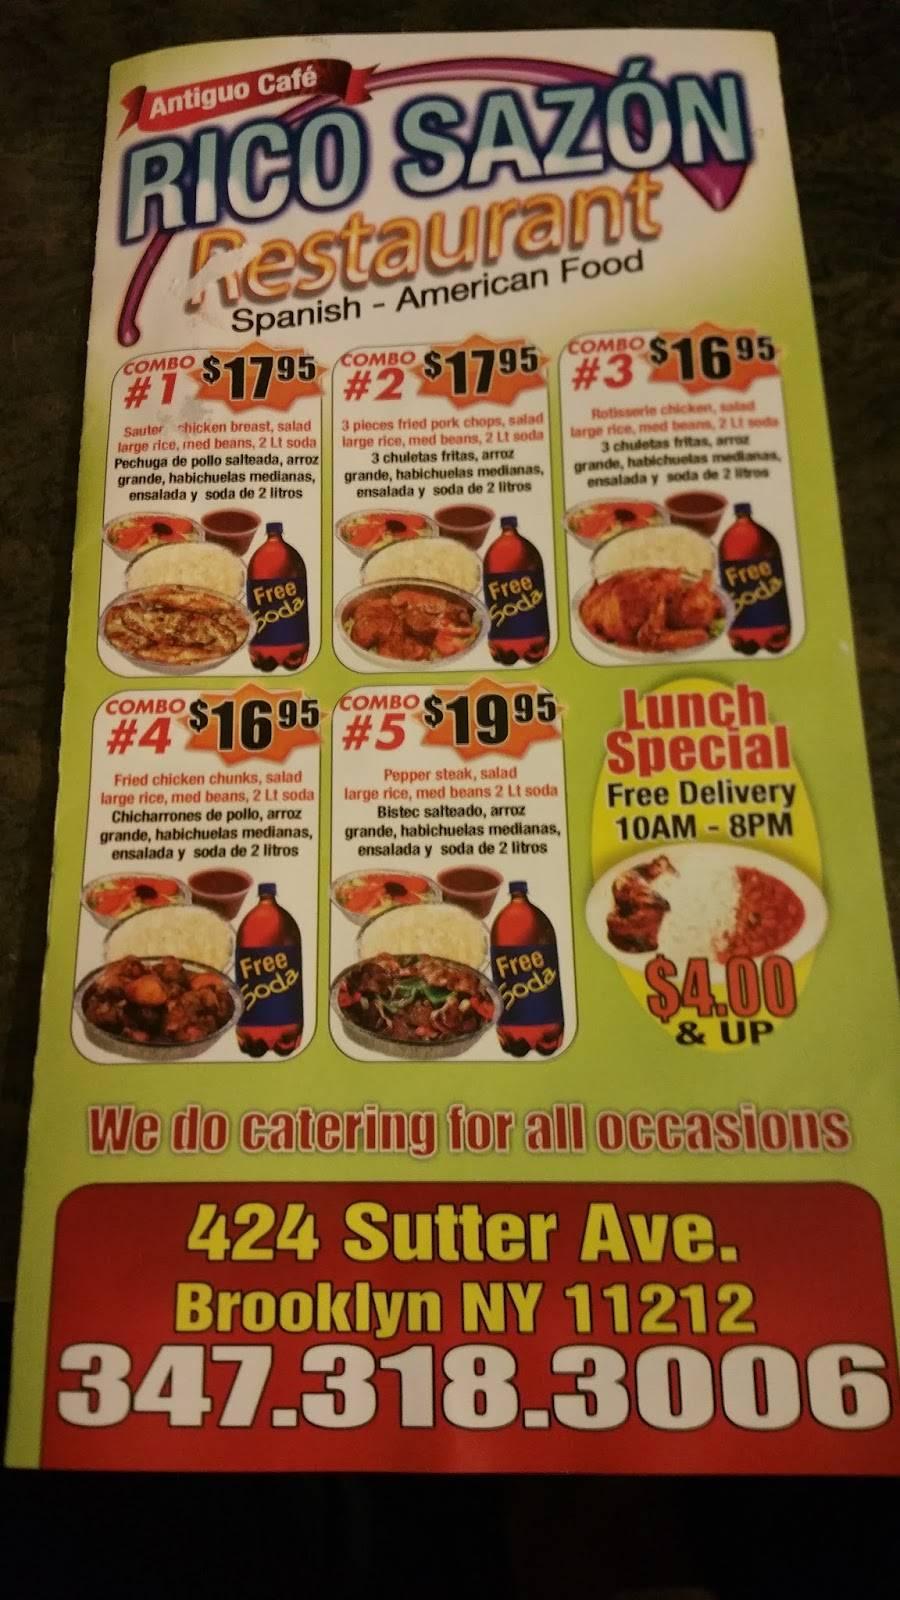 Rico Sazón | restaurant | 424 Sutter Ave, Brooklyn, NY 11212, USA | 3473183006 OR +1 347-318-3006